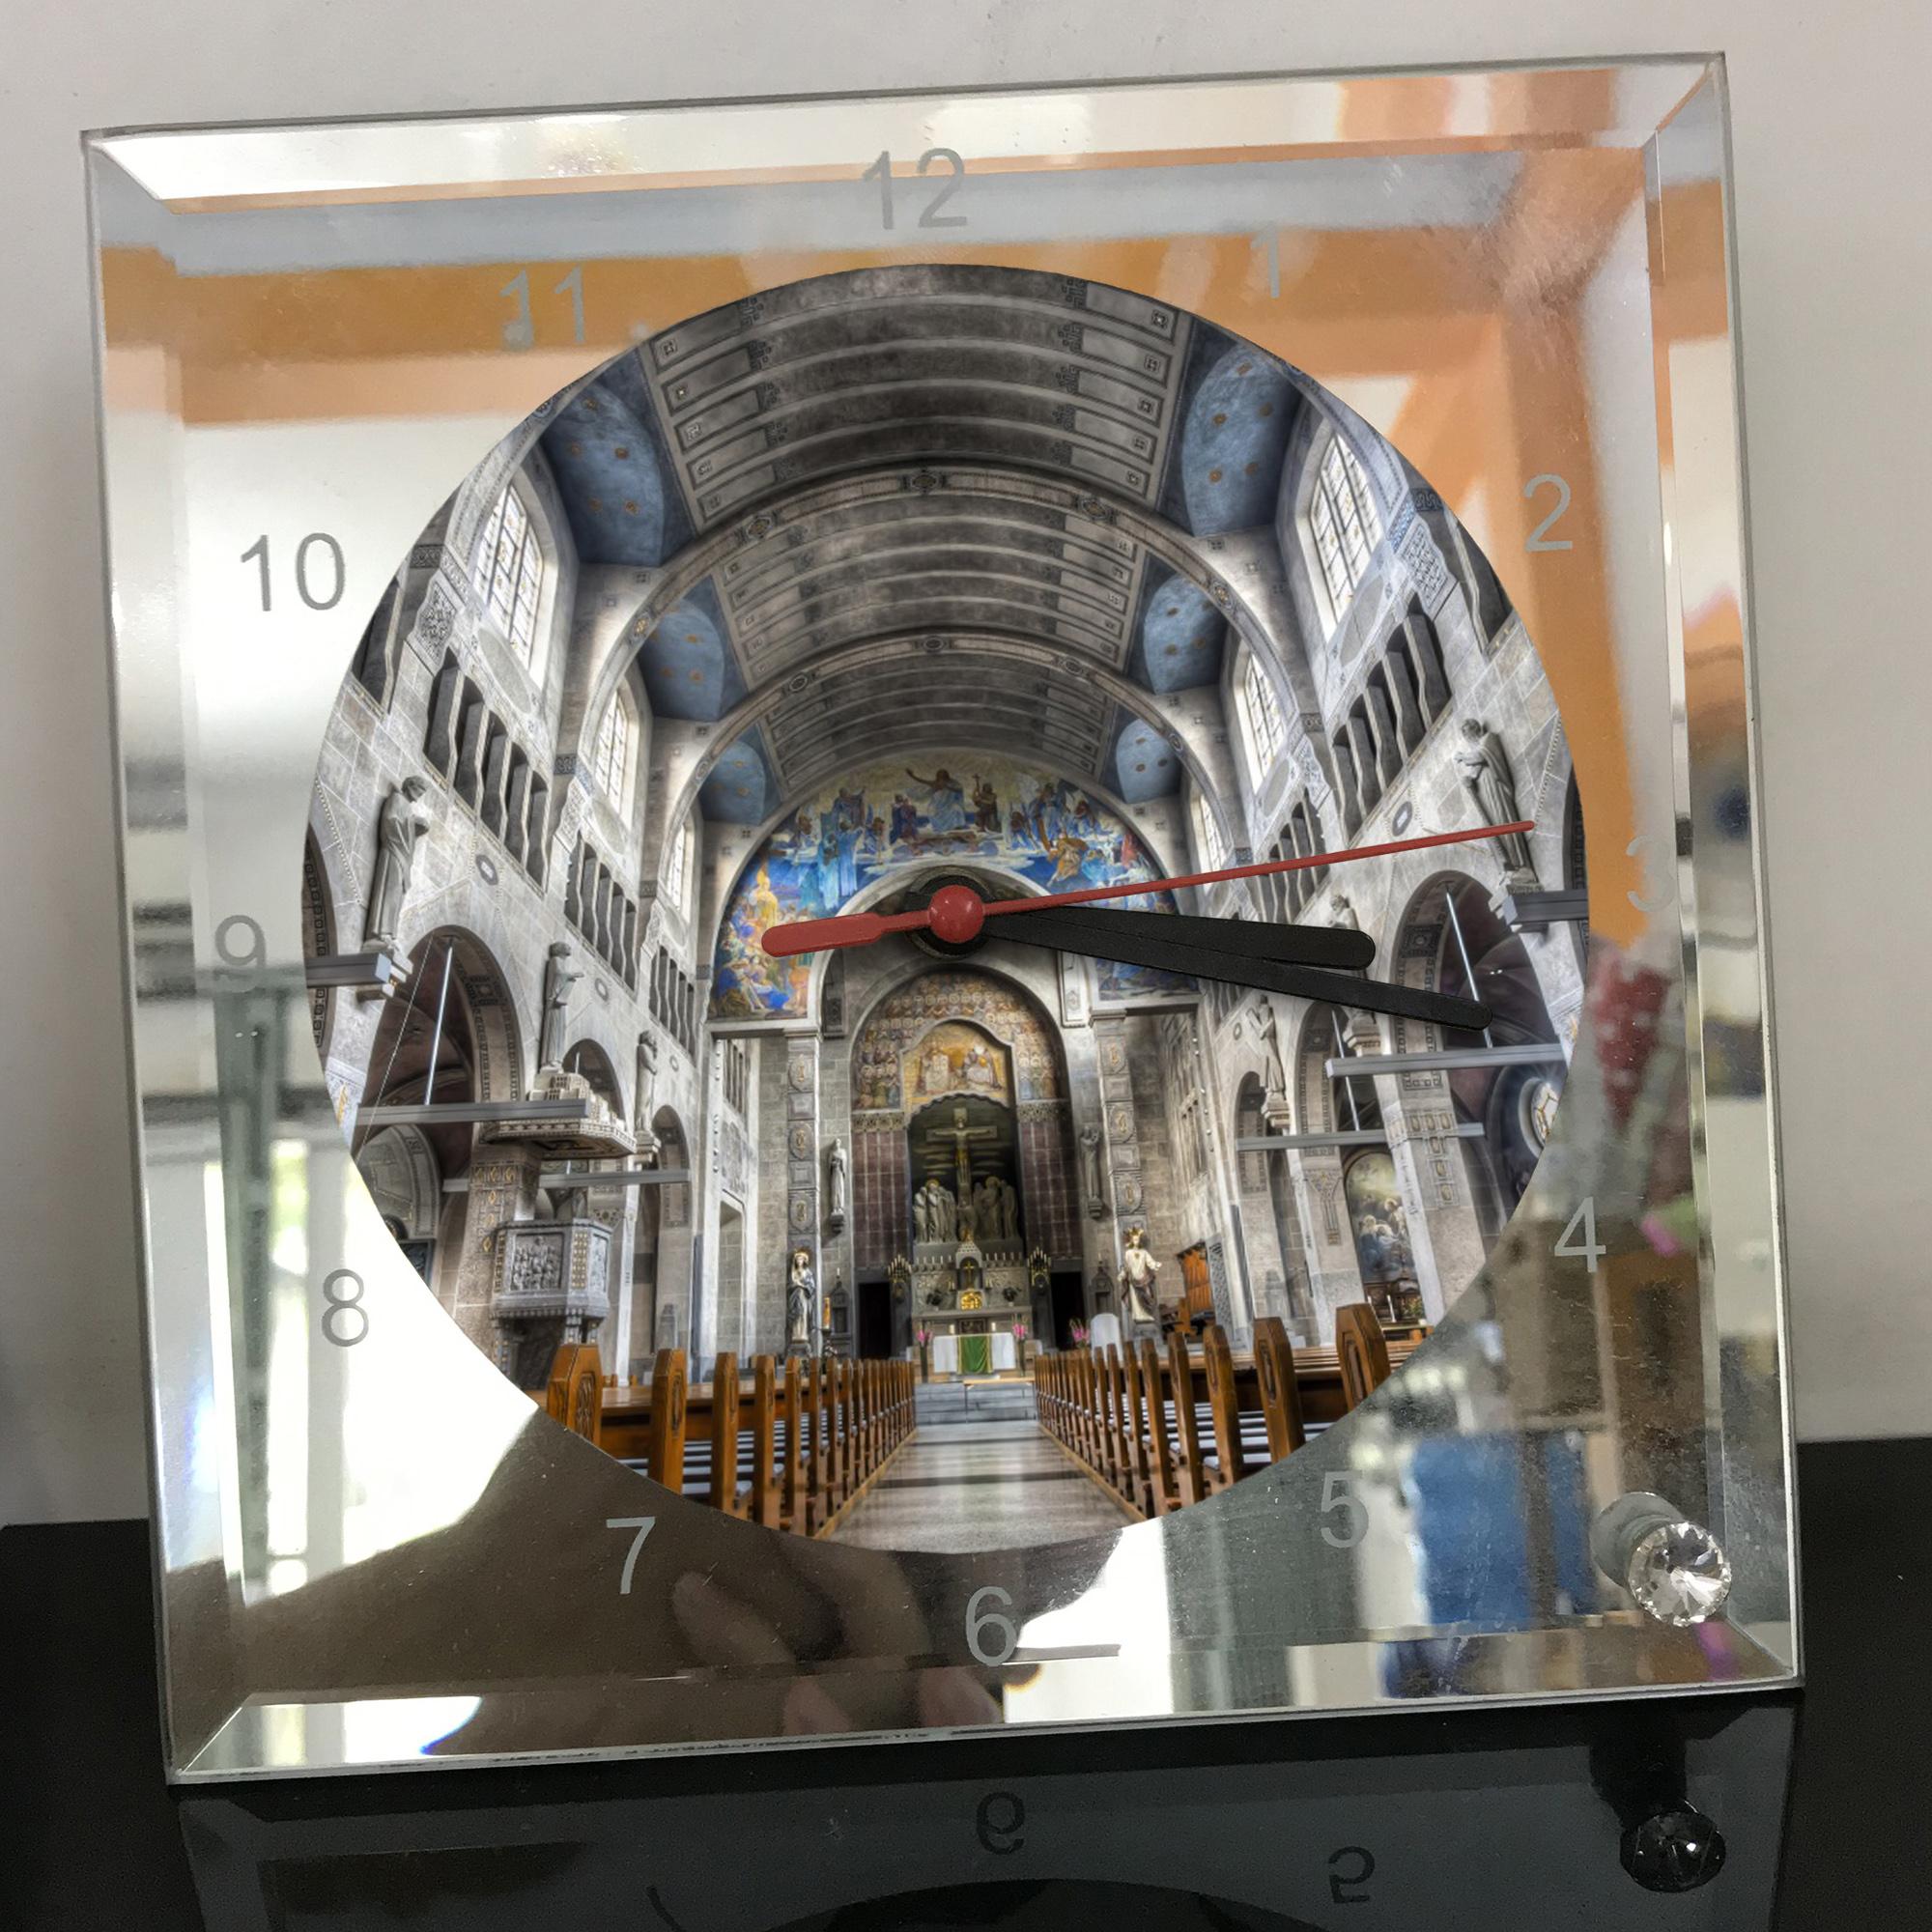 Đồng hồ thủy tinh vuông 20x20 in hình Church - nhà thờ (186) . Đồng hồ thủy tinh để bàn trang trí đẹp chủ đề tôn giáo